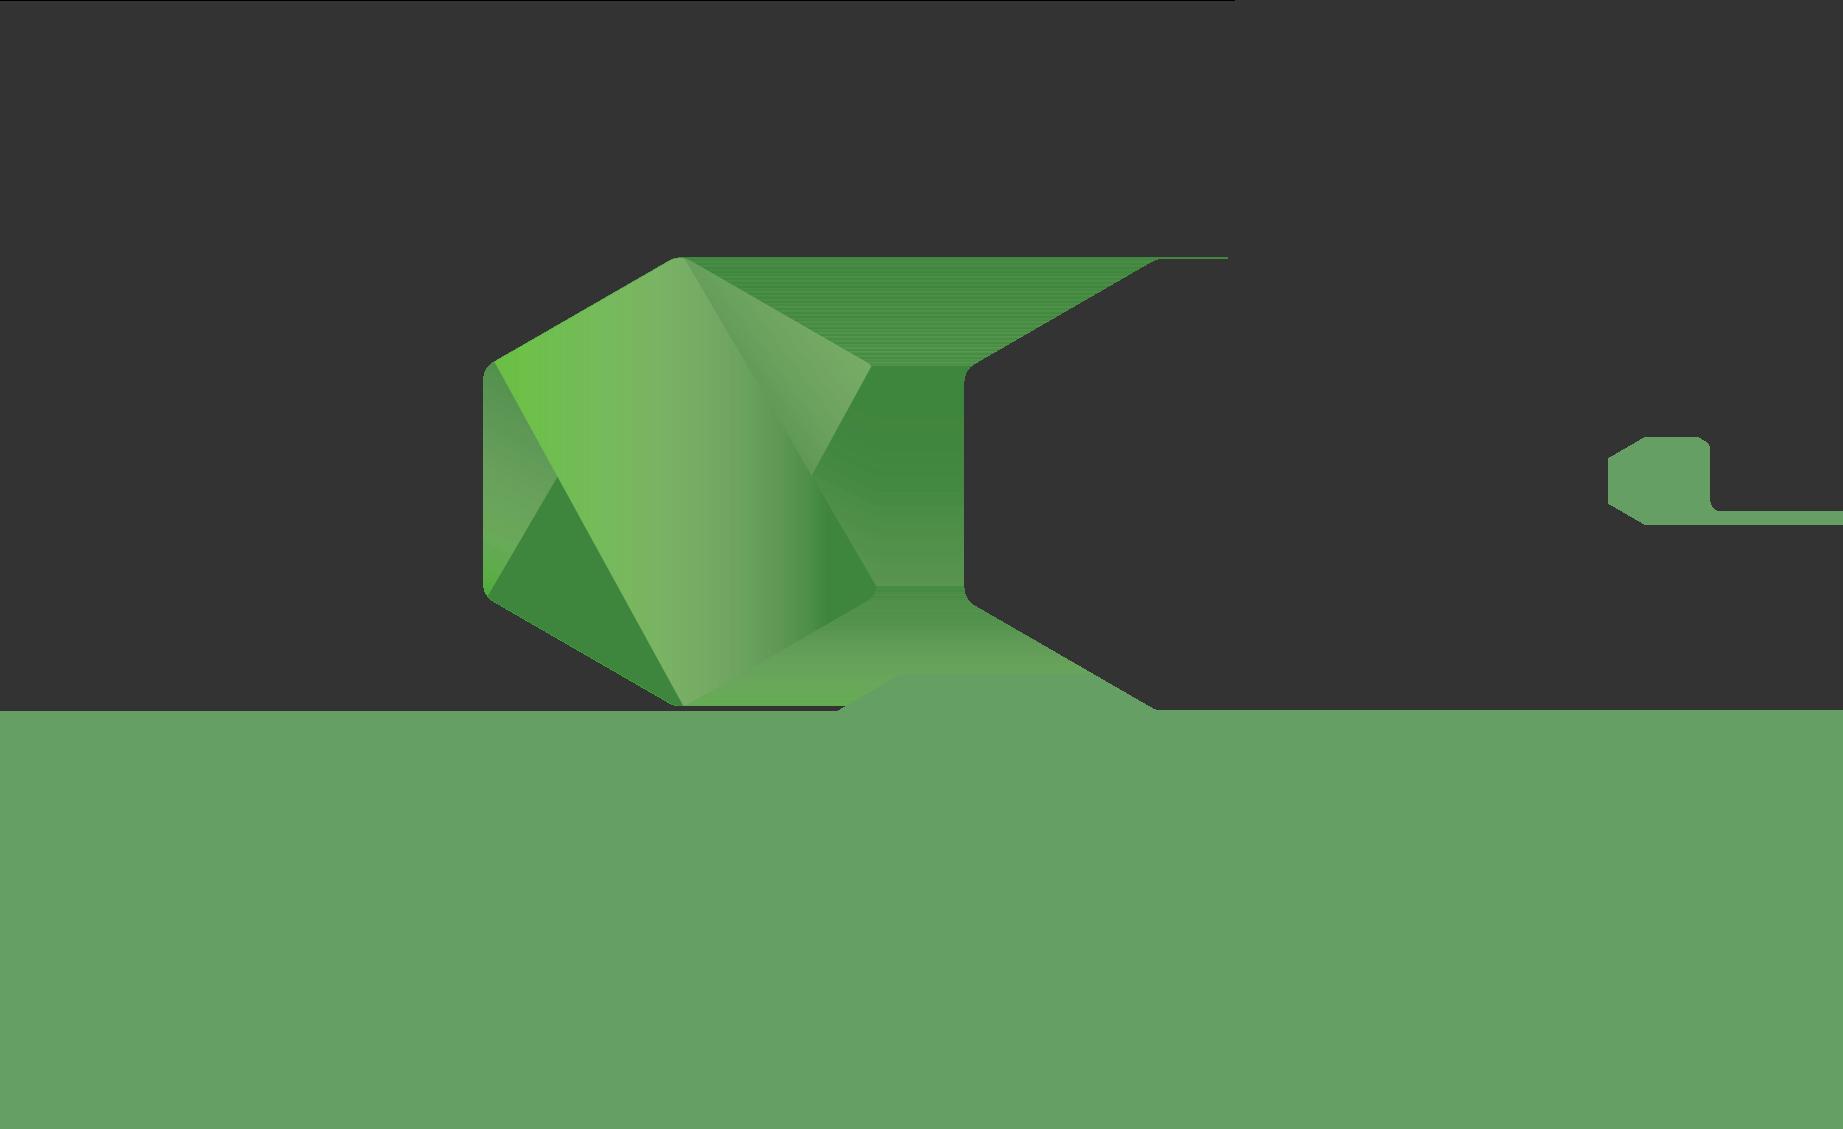 nodejs-new-pantone-black-1.png